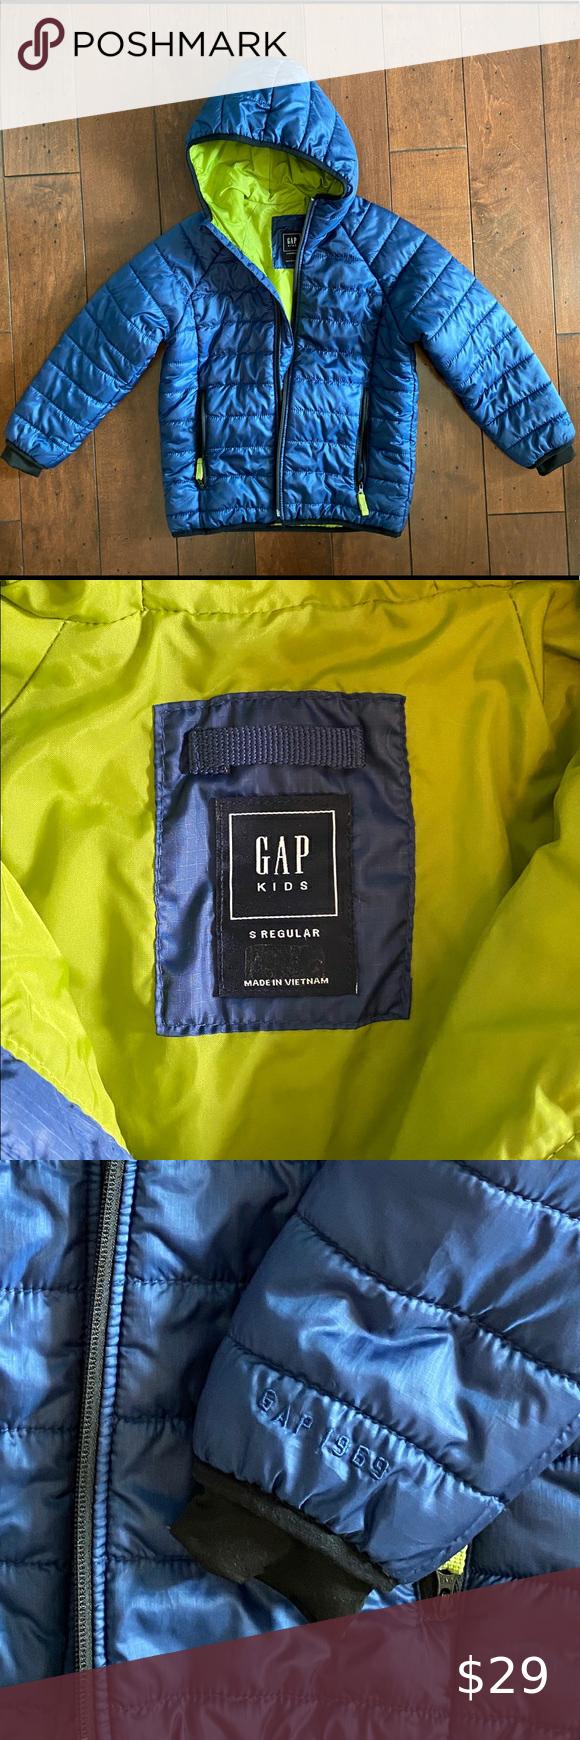 Gap Kids Lightweight Puffer Jacket Gap Kids Puffer Jackets Gap Jacket [ 1740 x 580 Pixel ]